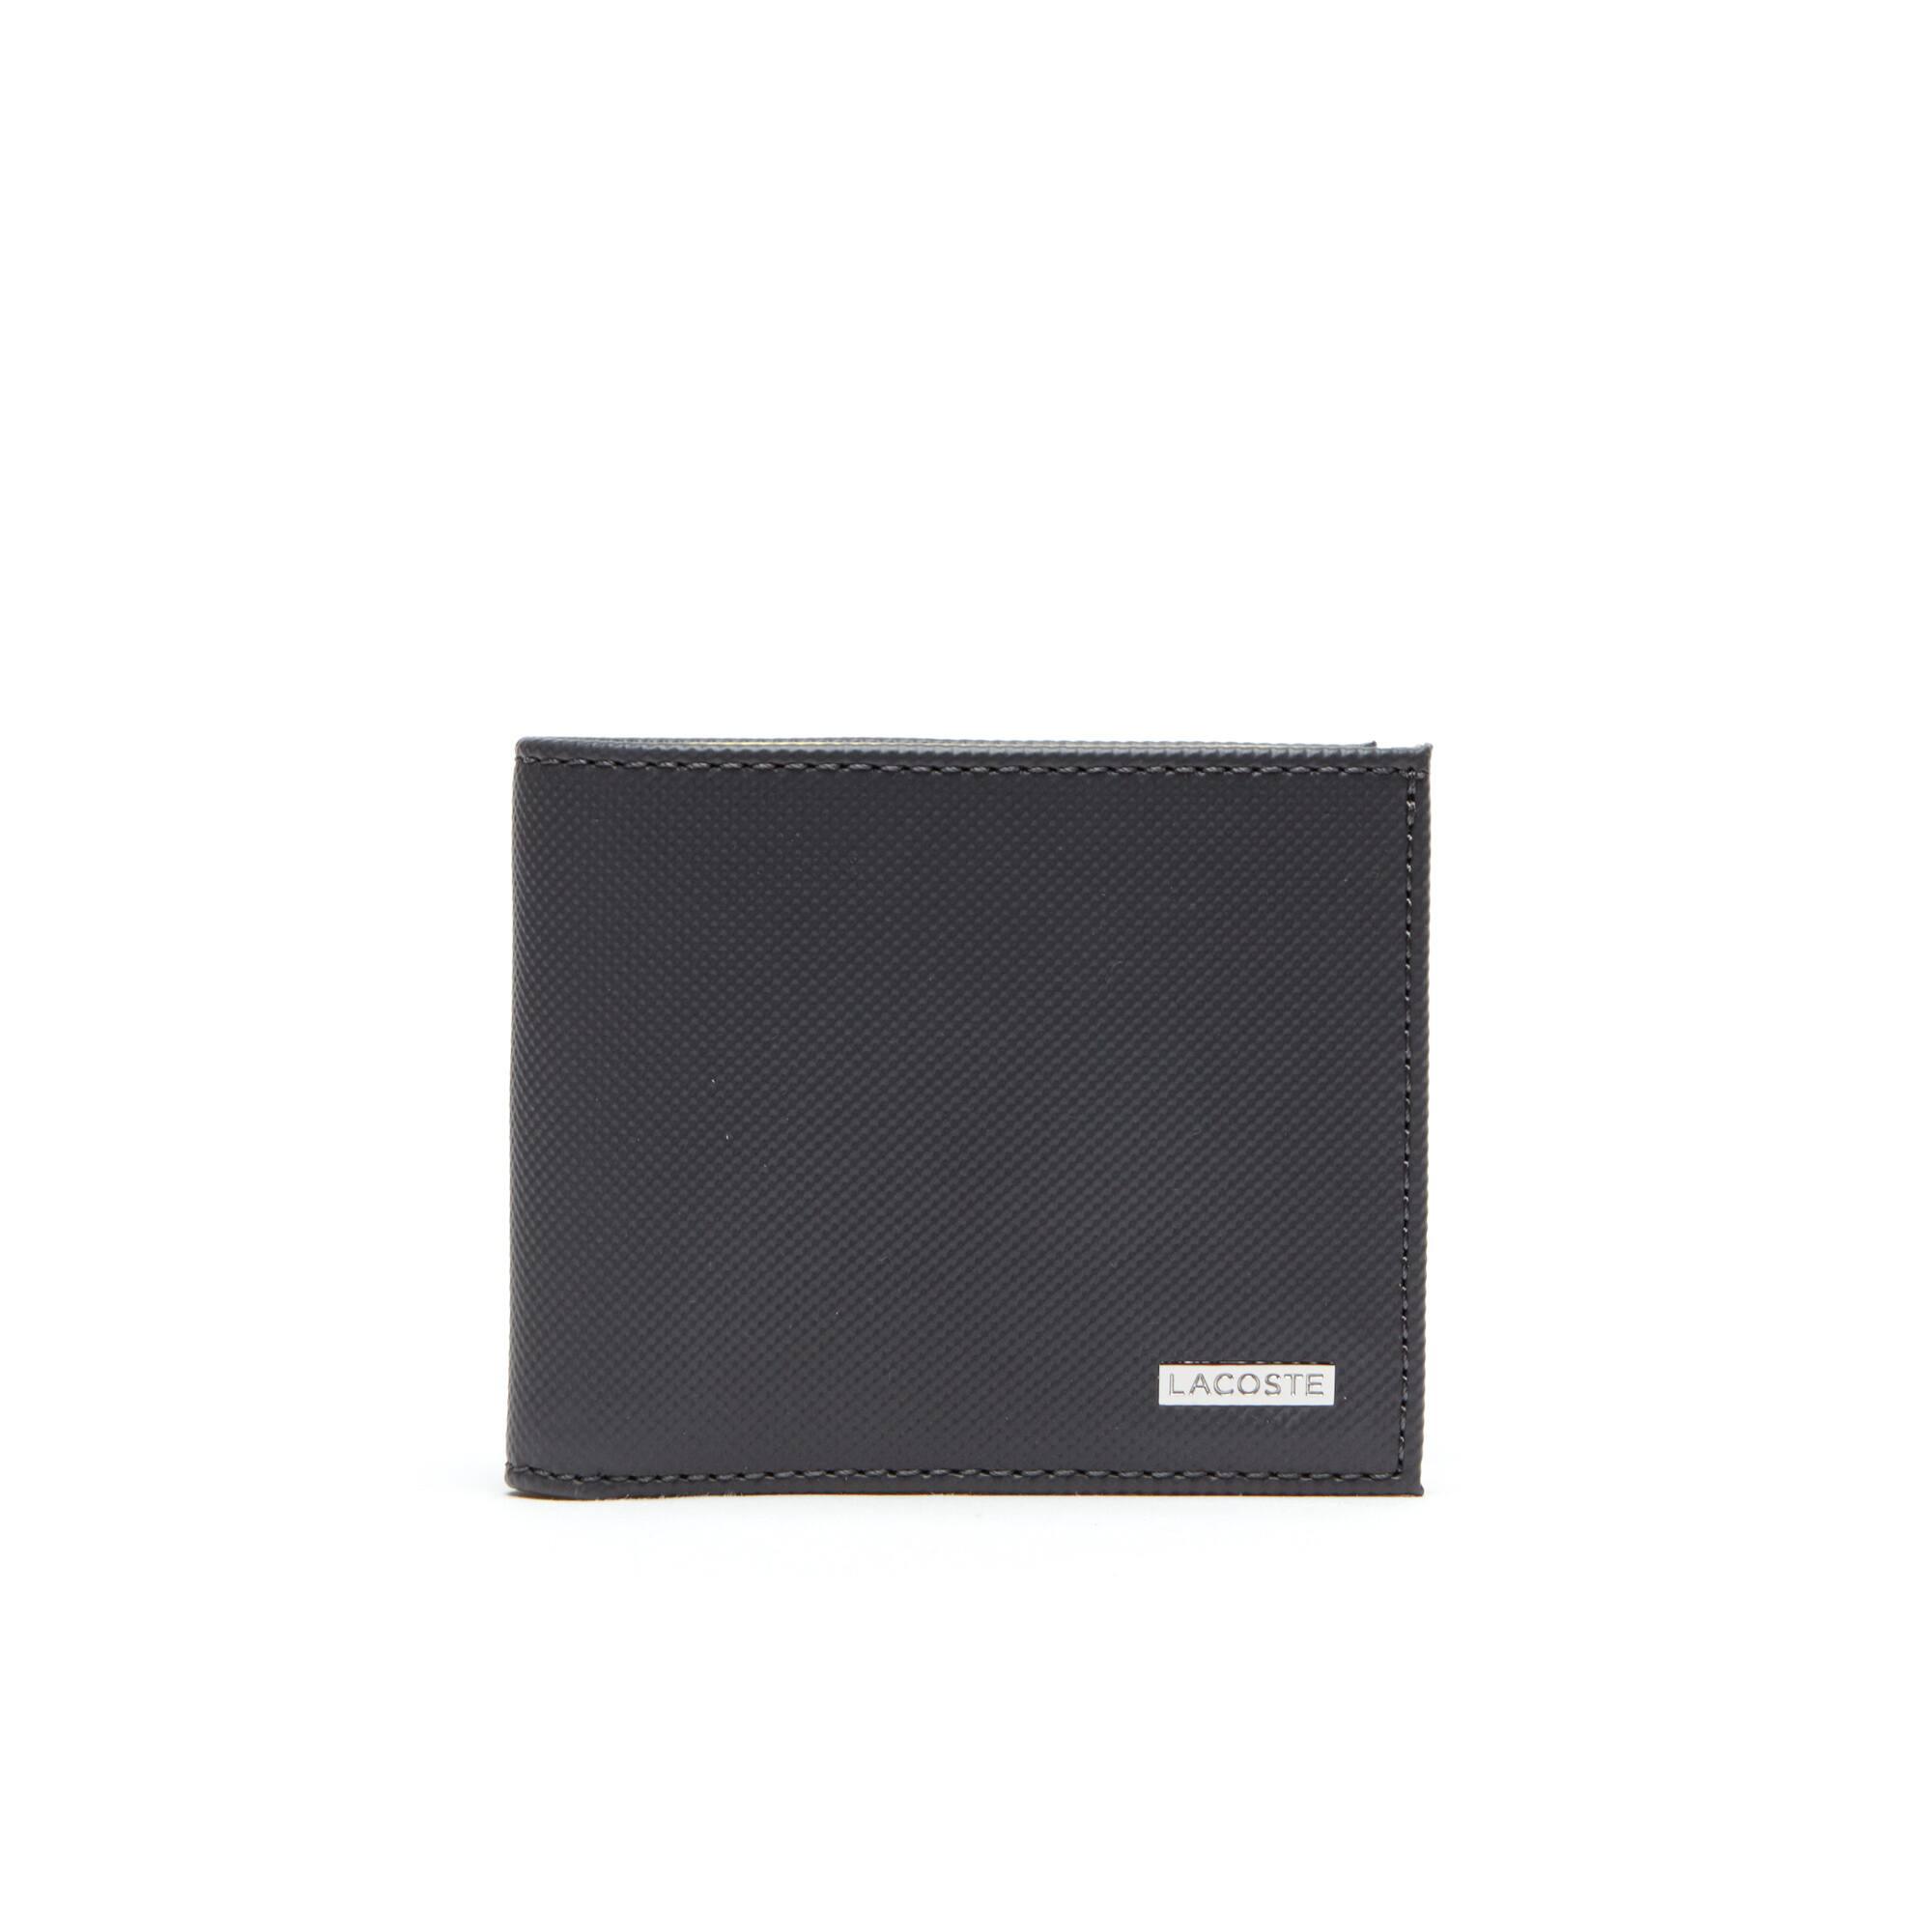 Herren-Brieftasche aus Leder mit Ausweisfach im Kleinformat EDWARD